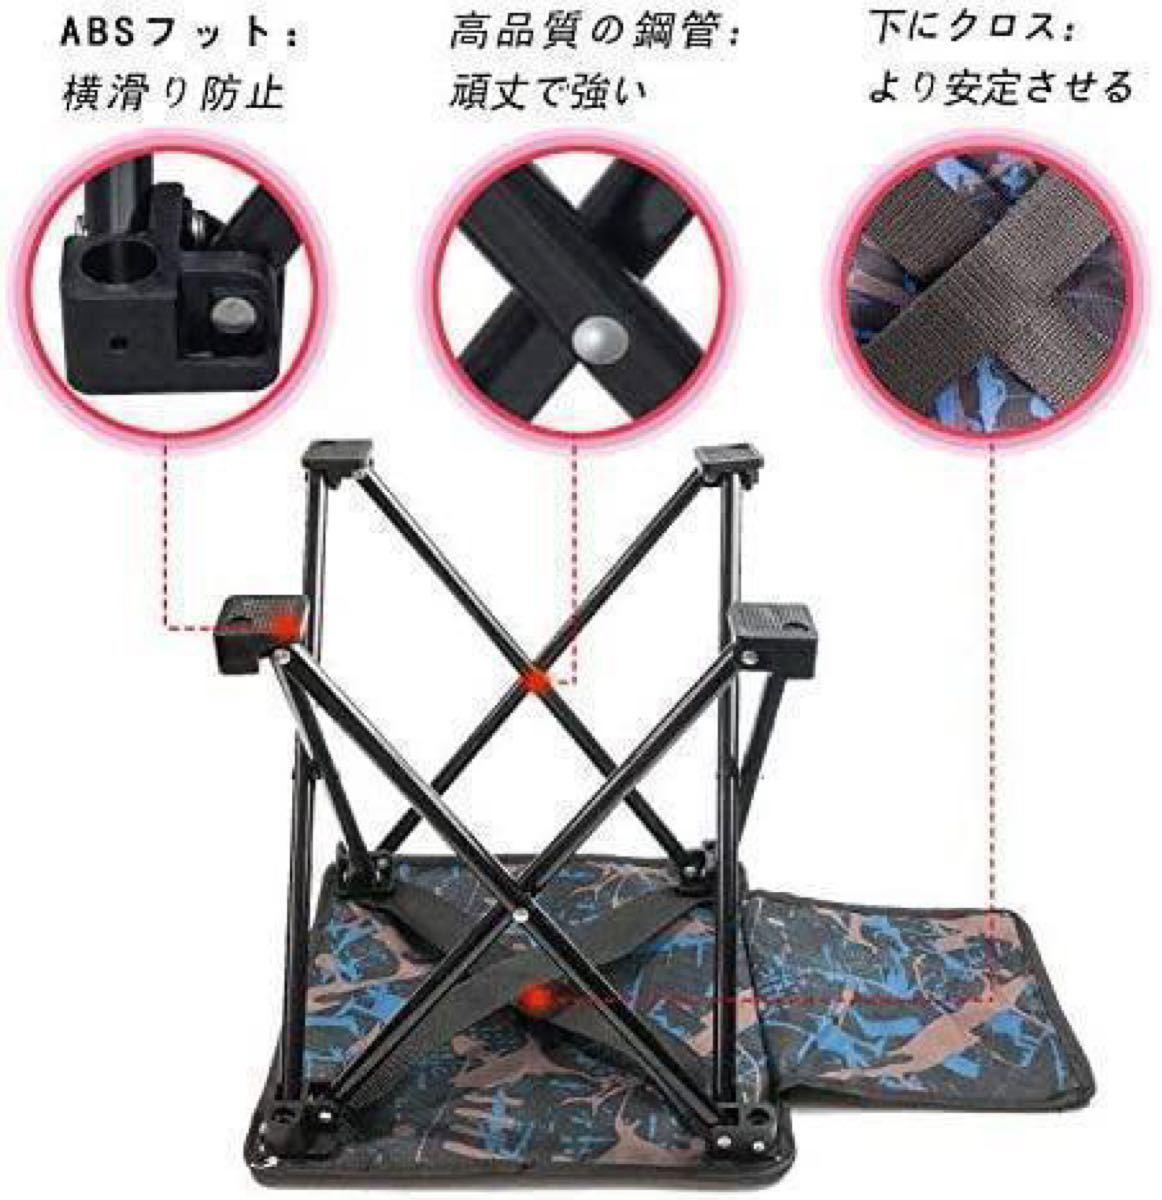 【持ち運びラクチン!】アウトドアチェア 折りたたみ椅子 コンパクト